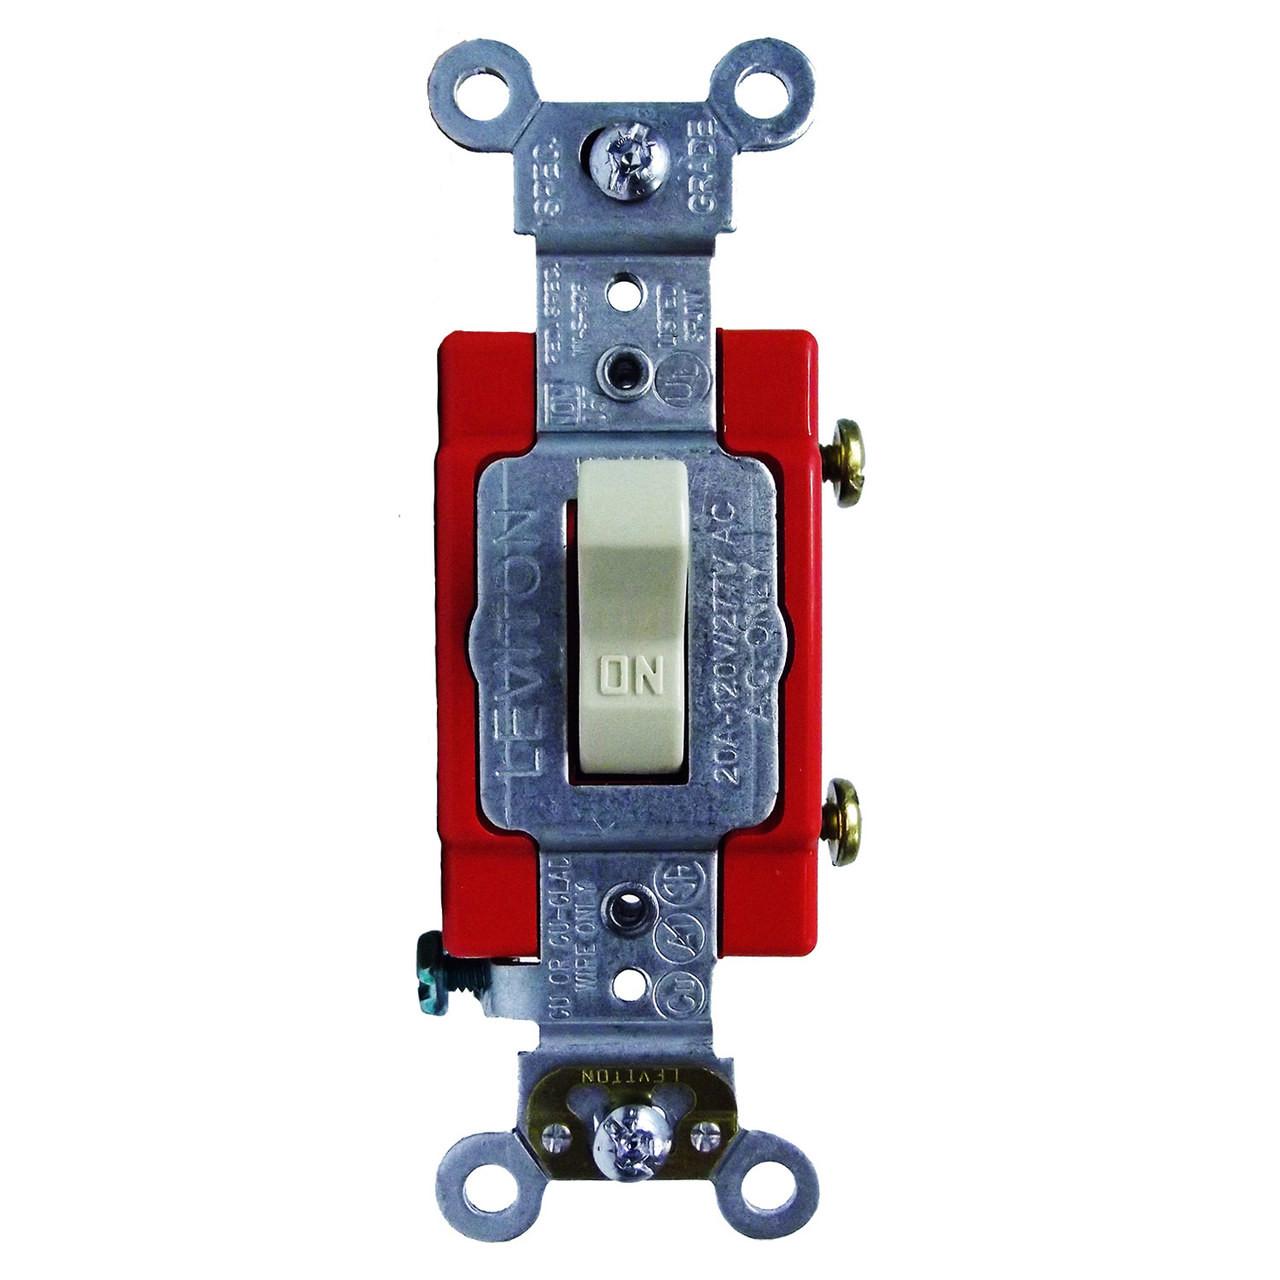 Baldor vfd wiring diagram #2 Baldor Single Phase Motor Wiring Start Stop Station Wiring Diagram Baldor Reliance Industrial Motor Diagram